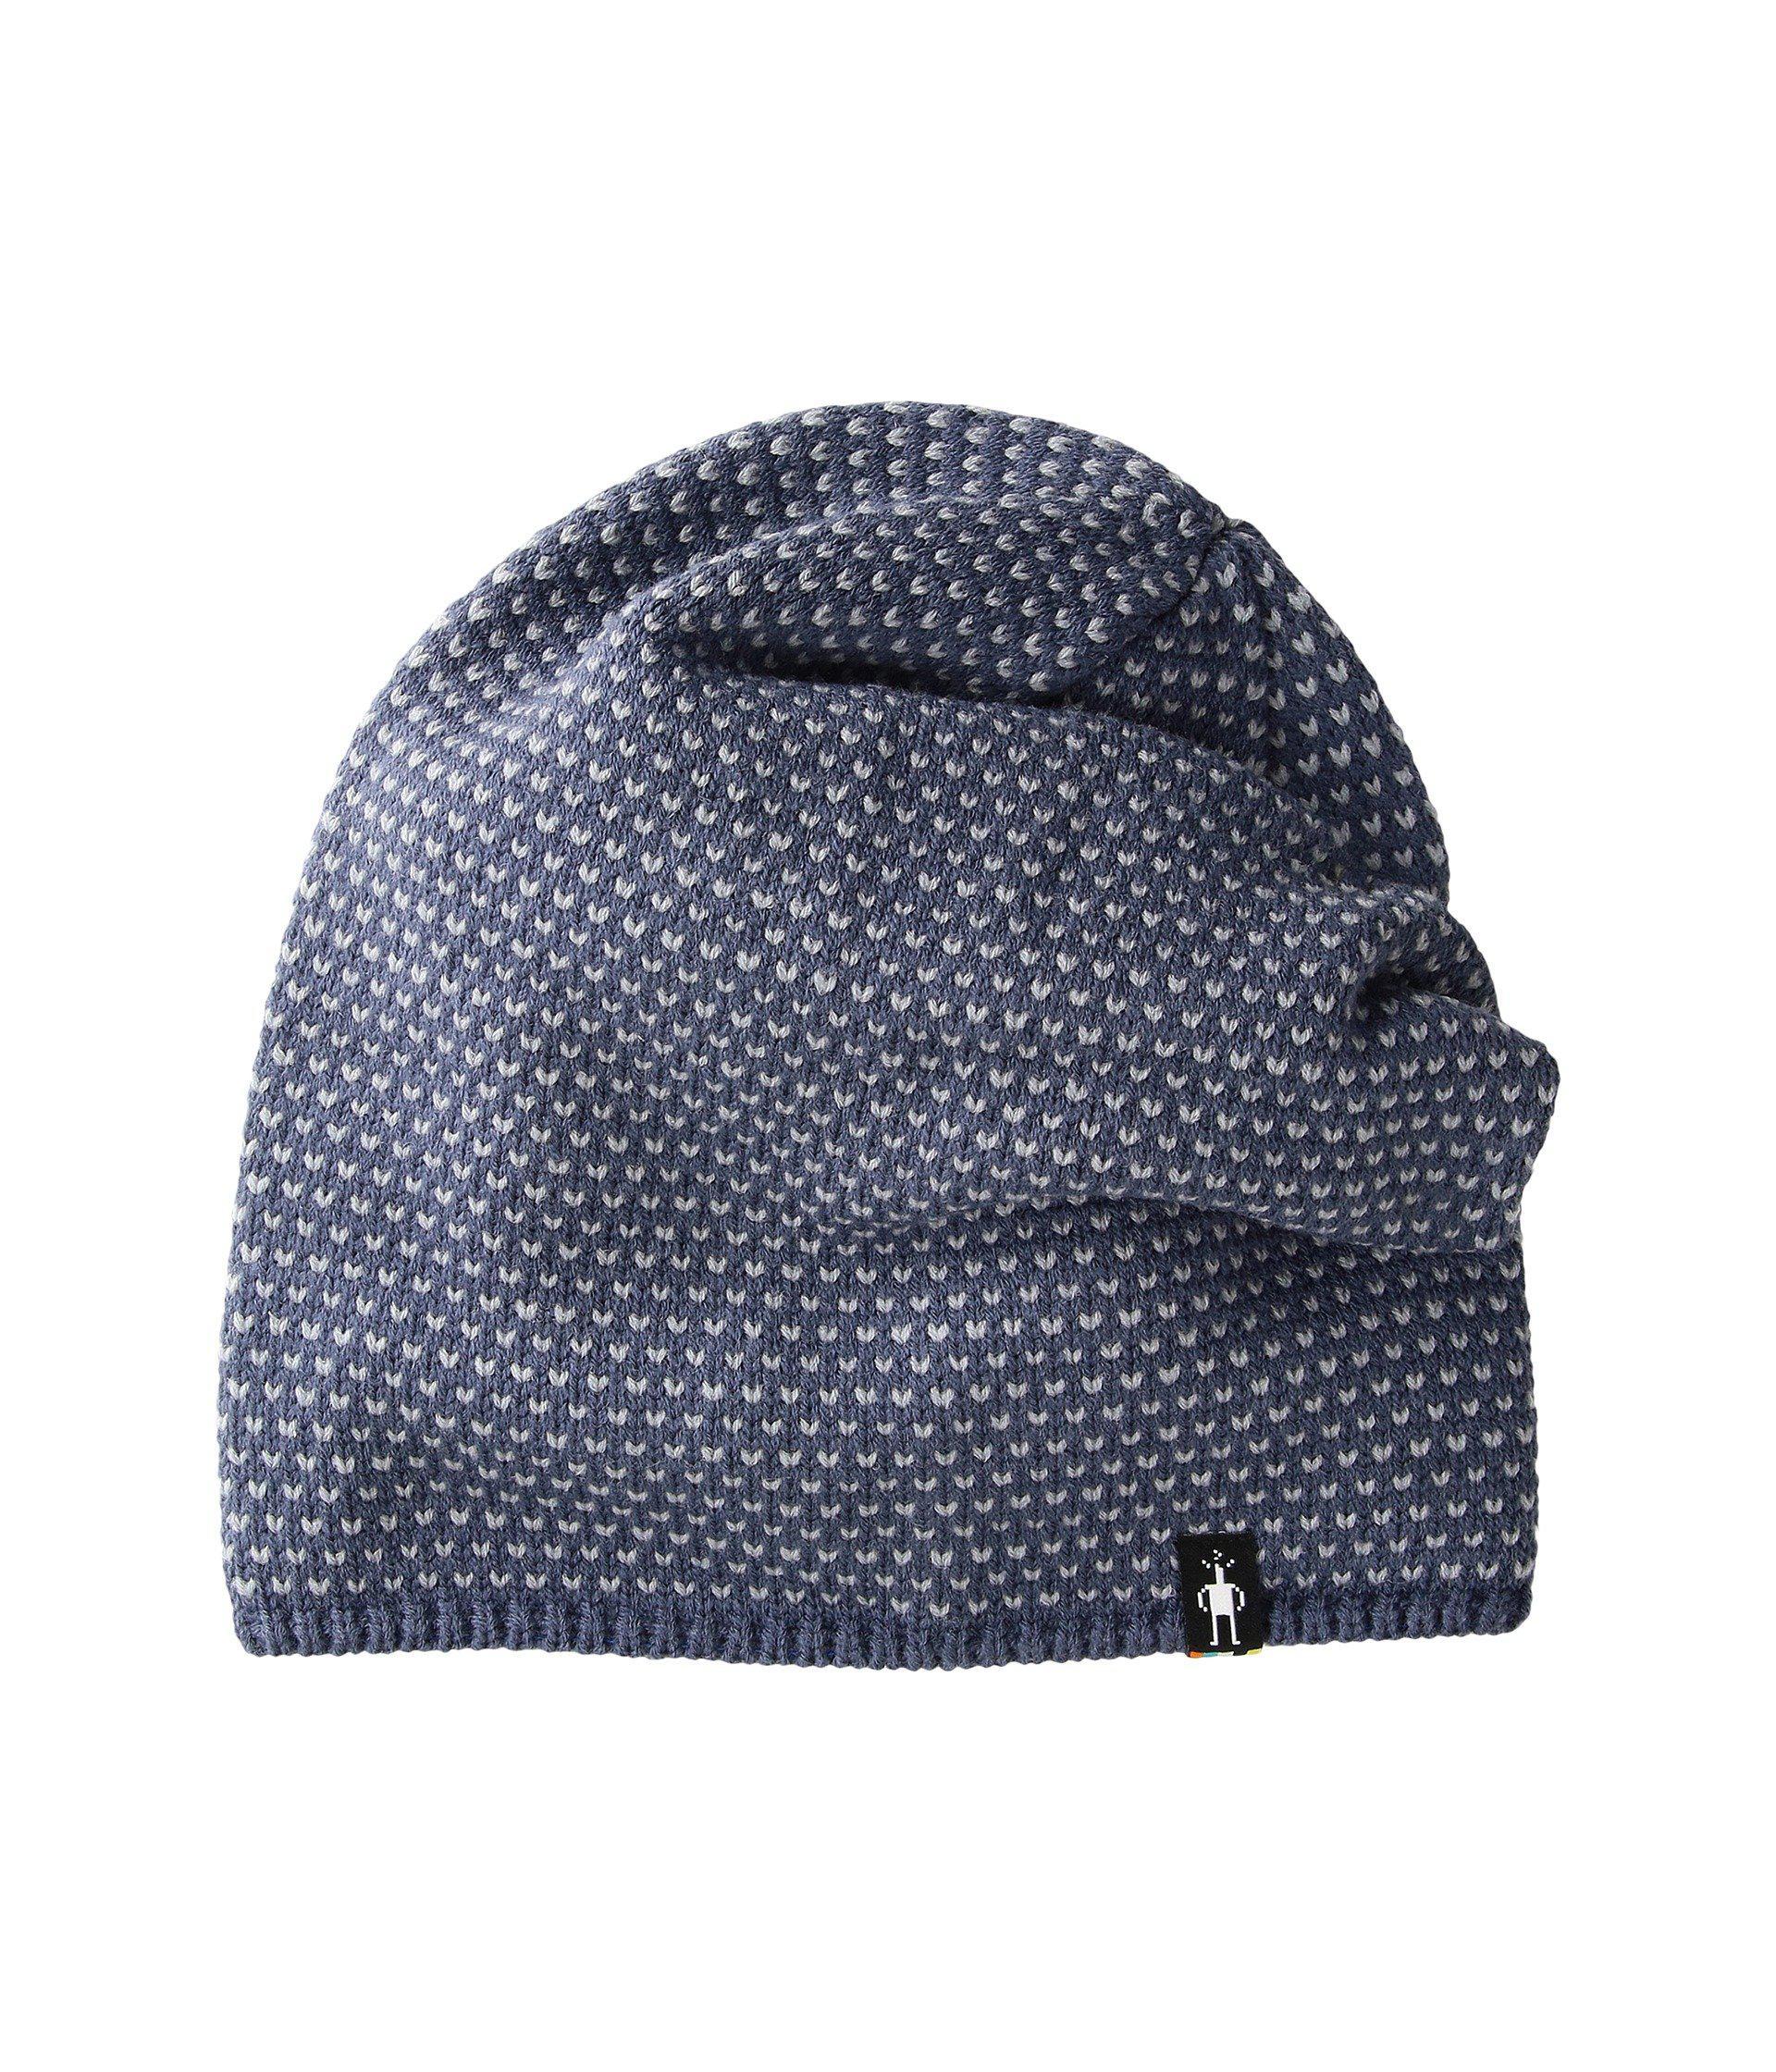 b4b029c408a Lyst - Smartwool Diamond Cascade Hat in Blue for Men